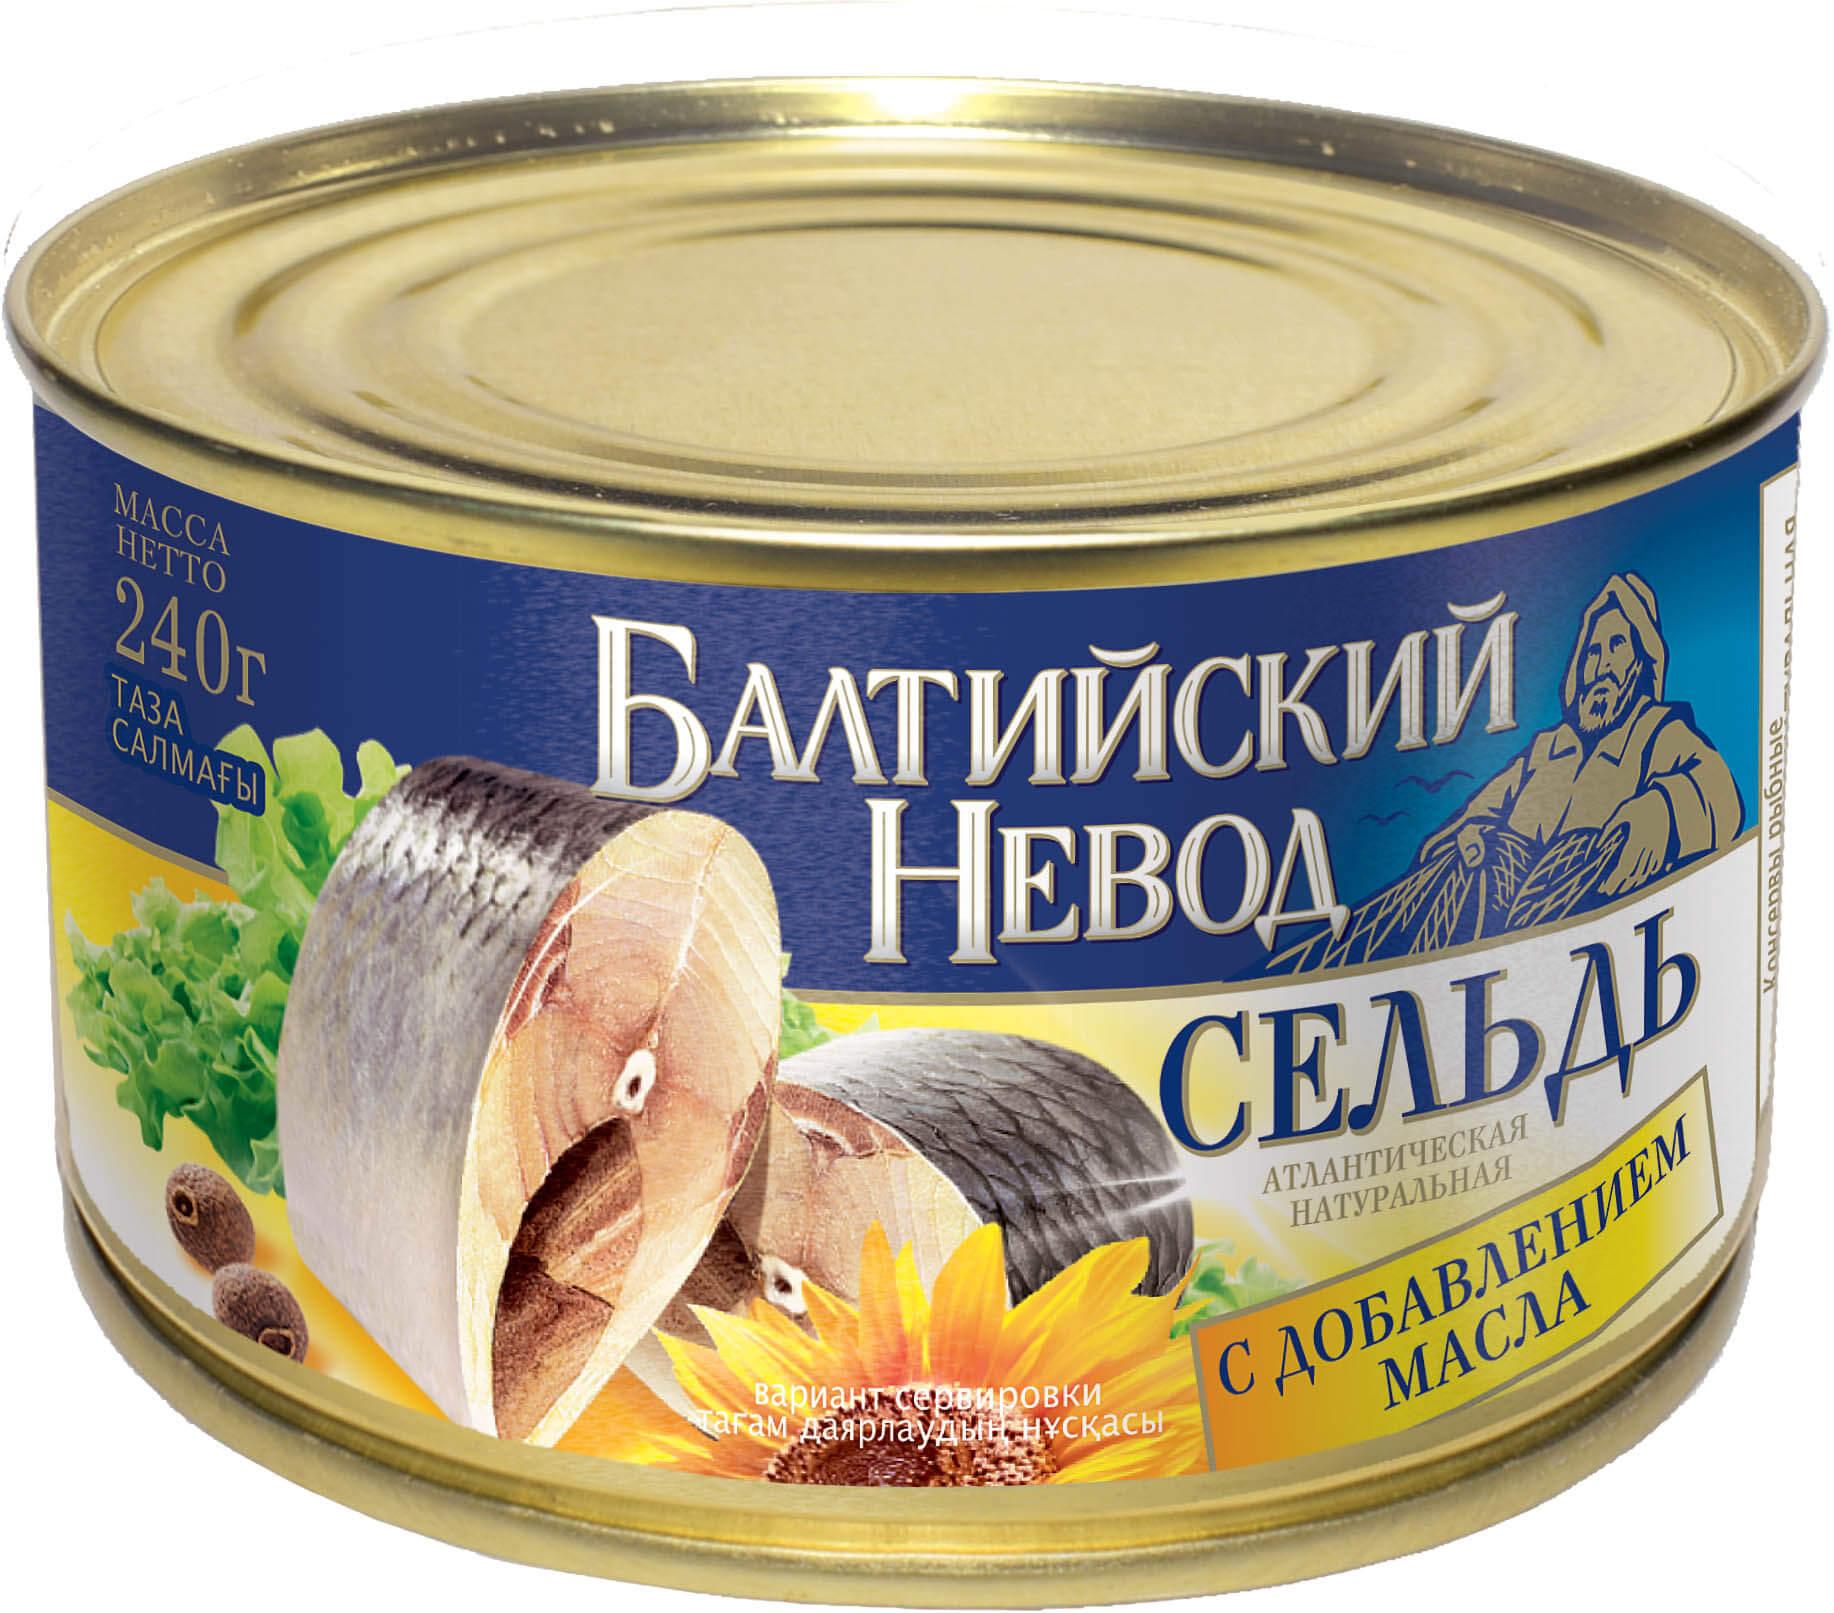 Сельдь натуральная с добавлением масла  Балтийский невод  240гр.